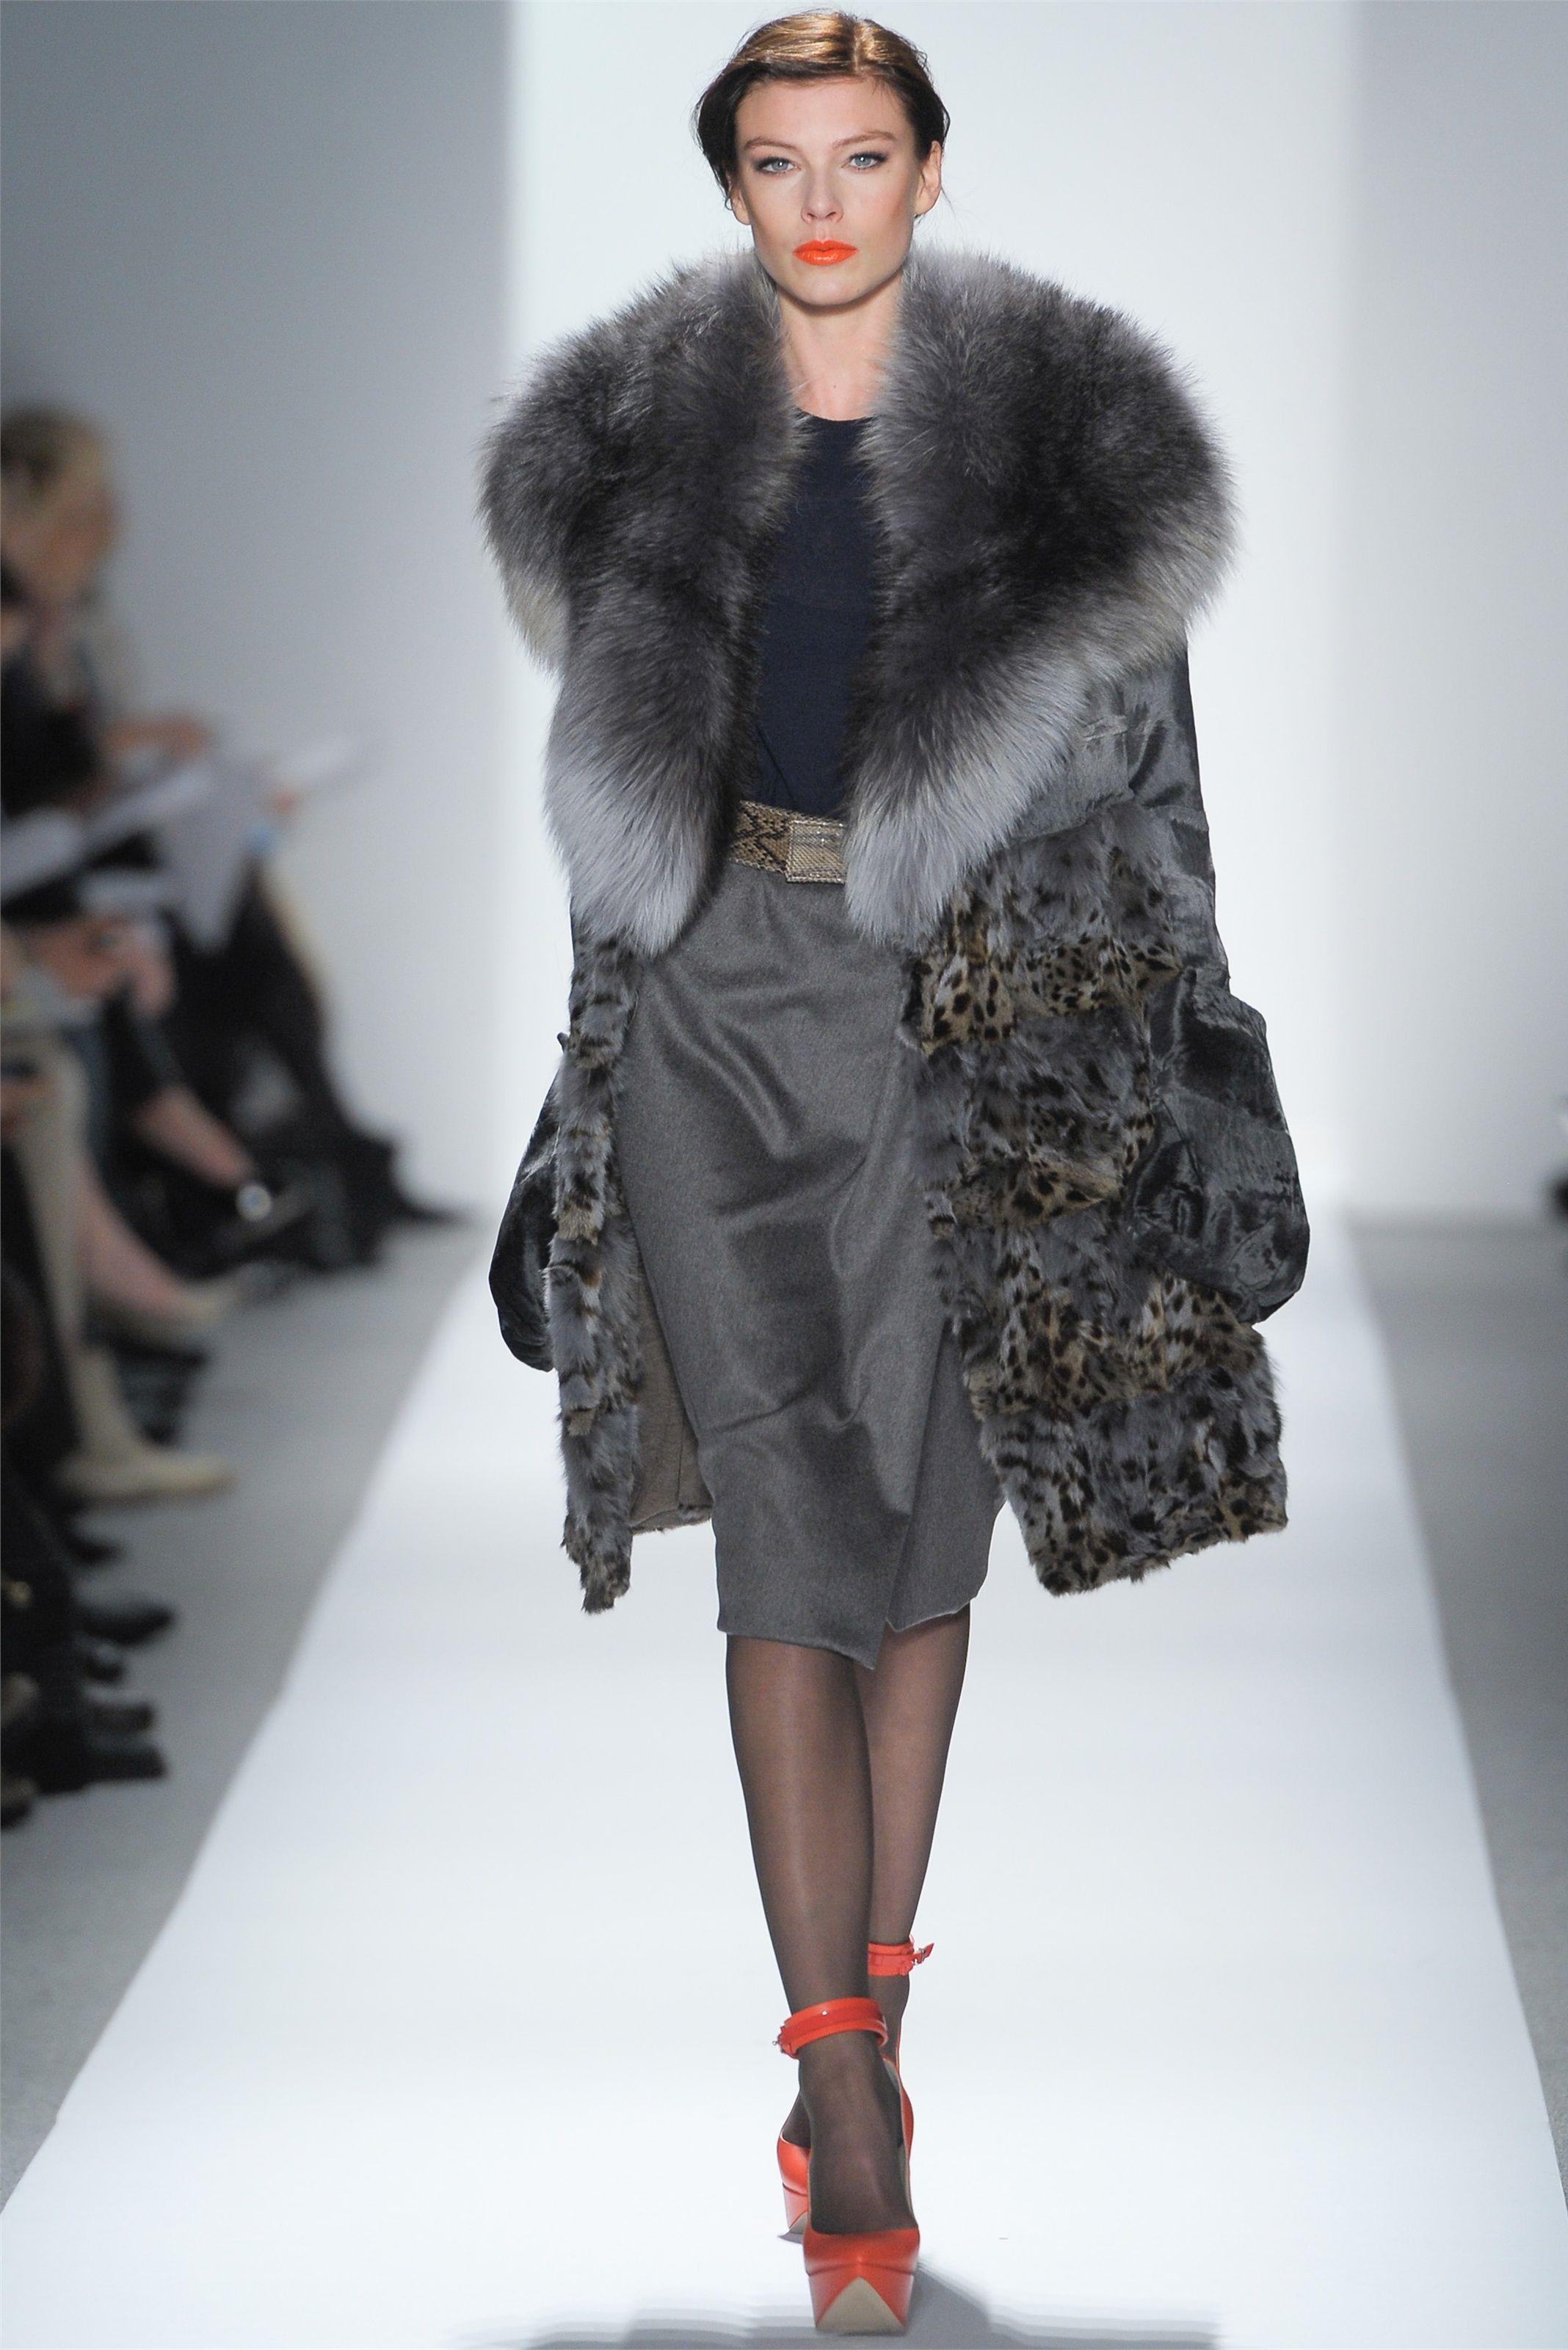 Guarda la sfilata di moda Dennis Basso a New York e scopri la collezione di abiti  e accessori per la stagione Collezioni Autunno Inverno 2012-13. 5b10dc95d07